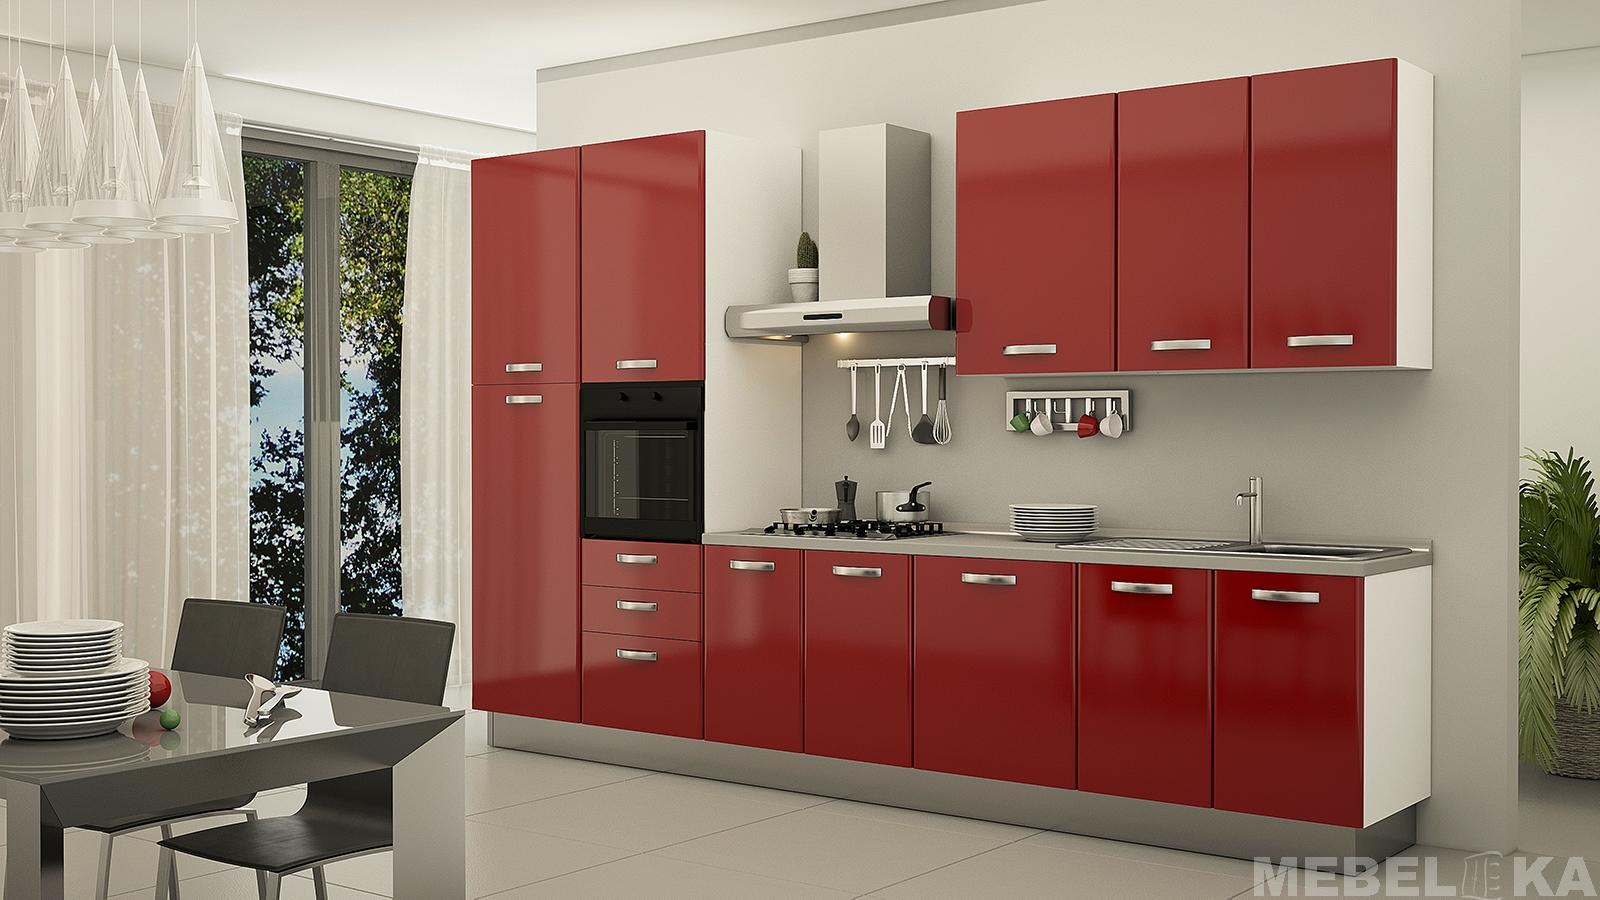 Cucina Ikea Modello 2012 2013. Cucine Ikea Catalogo 2014. Ispirazione #812F29 1600 900 Planner Cucina Mondo Convenienza